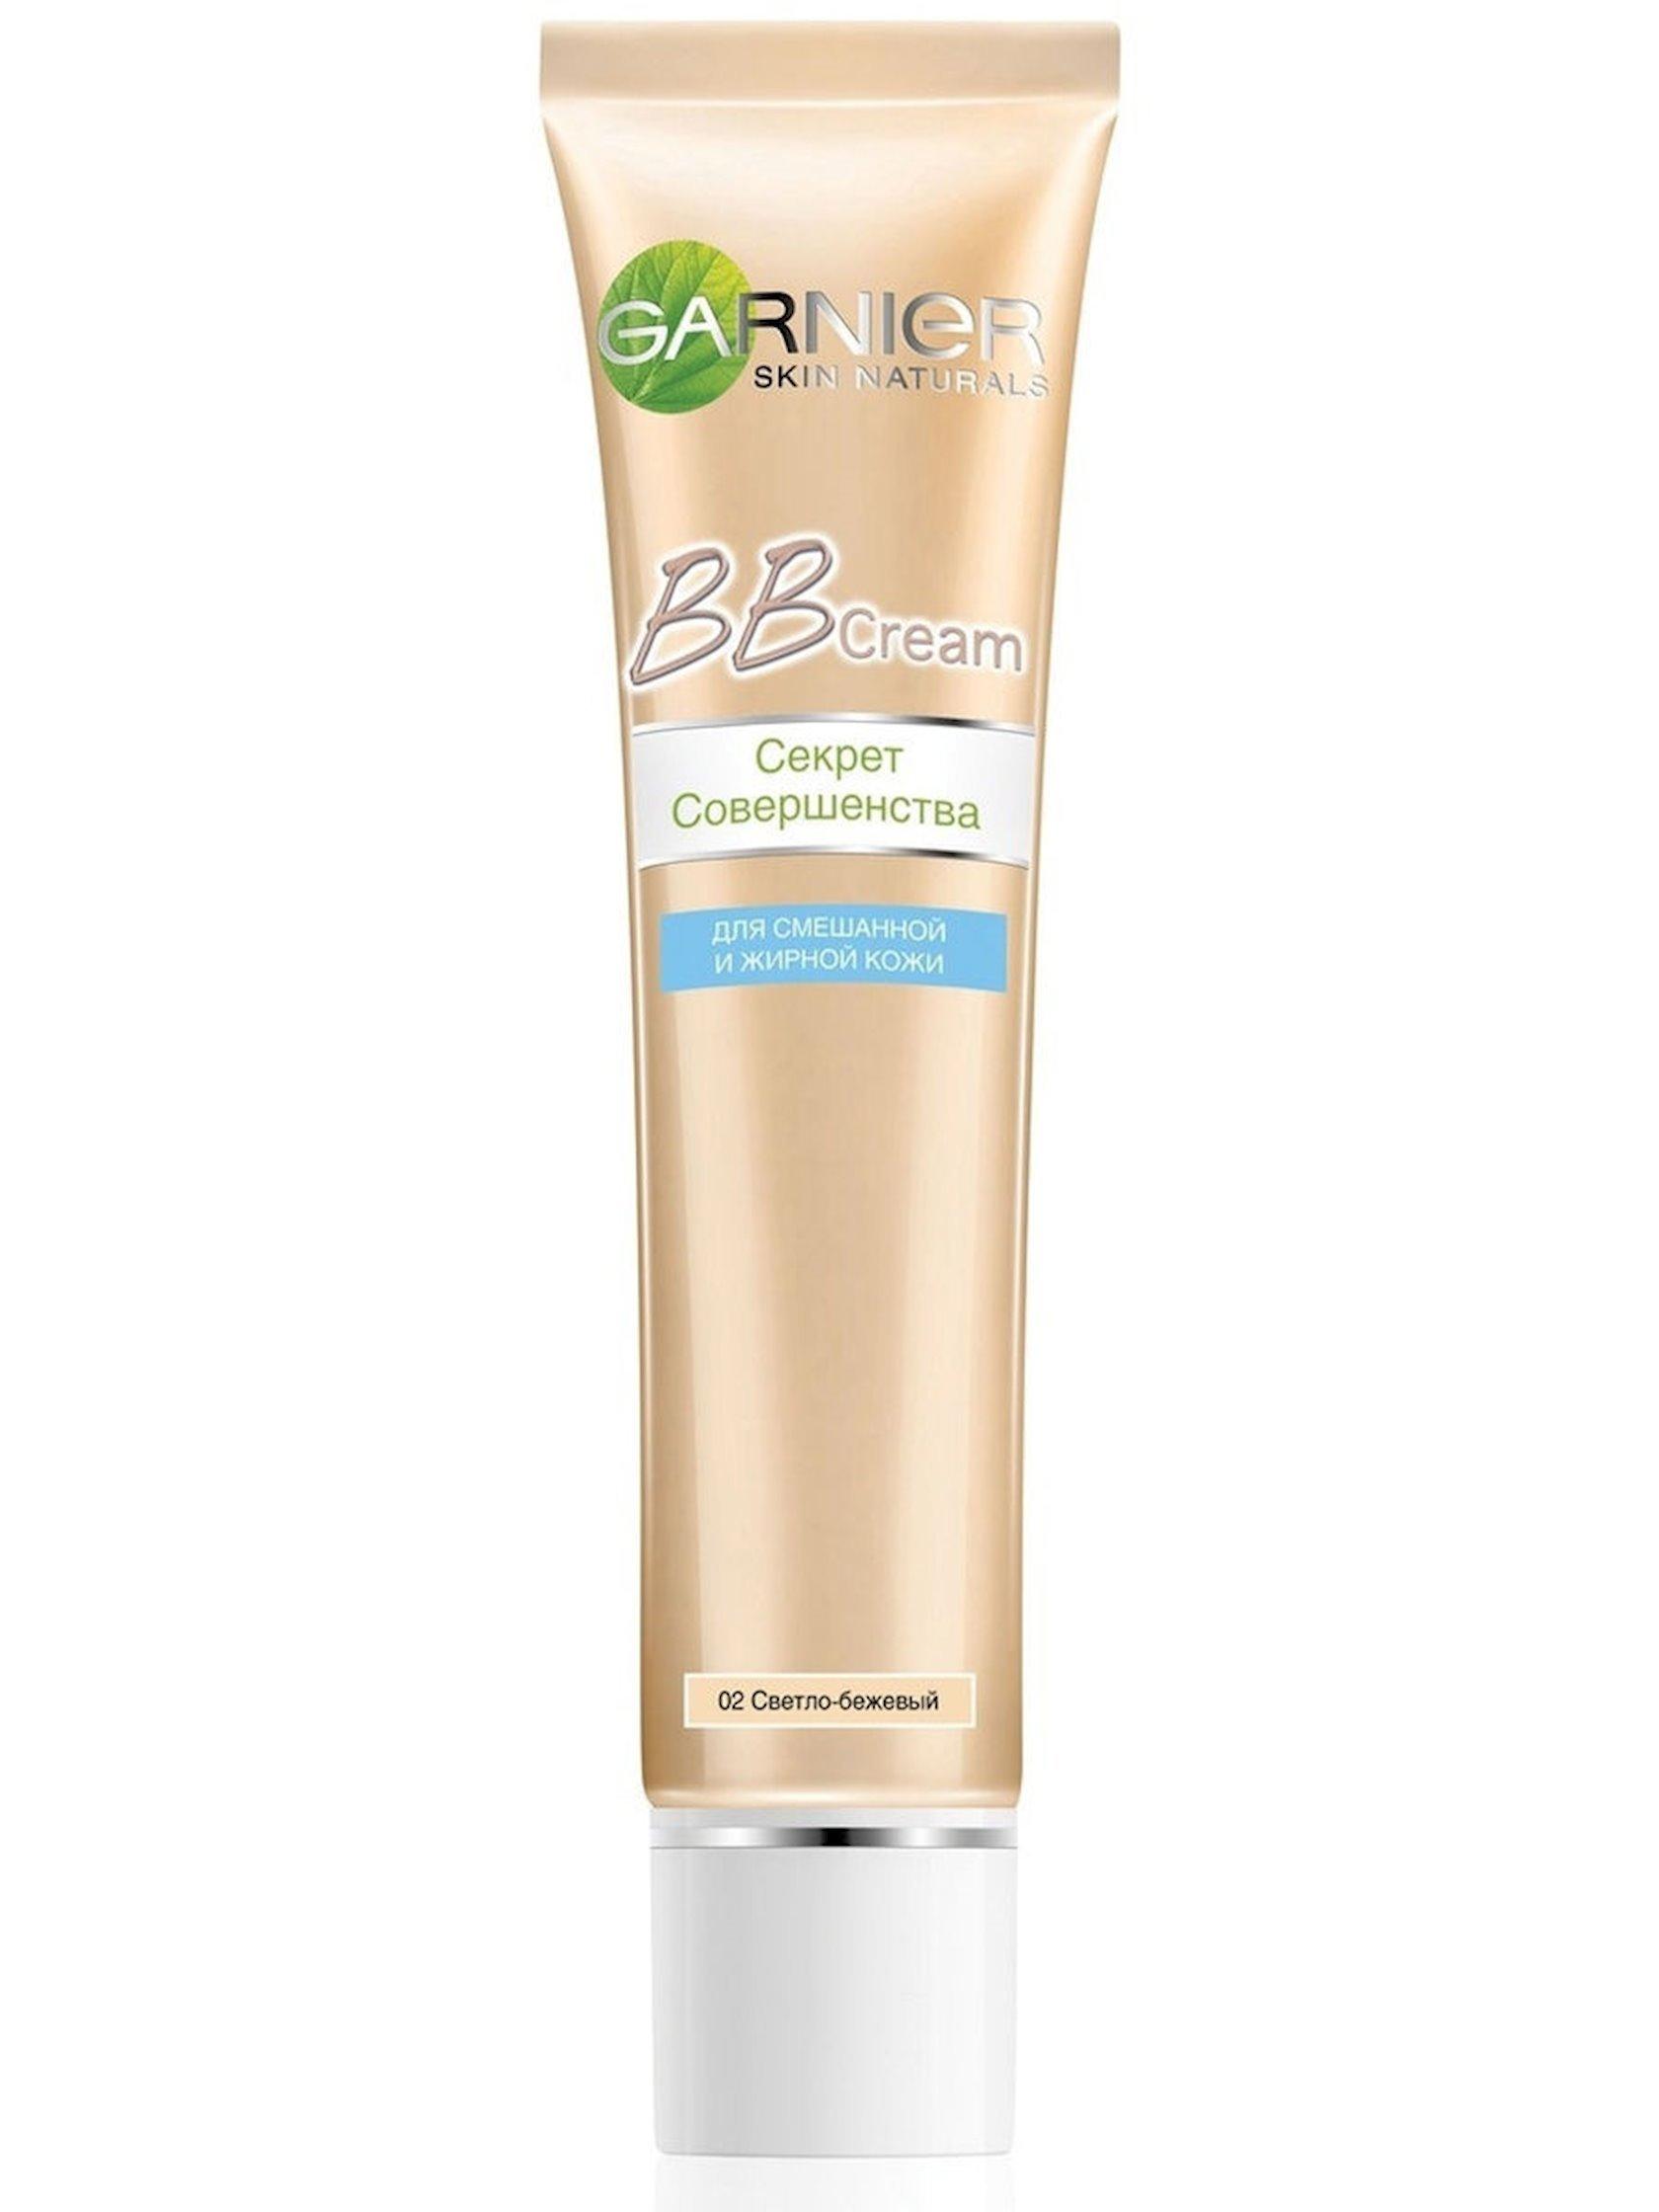 BB-krem qarışıq və yağlı dəri üçün Garnier Skin Naturals Mükəmməlliyin sirri Açıq bej 40 ml